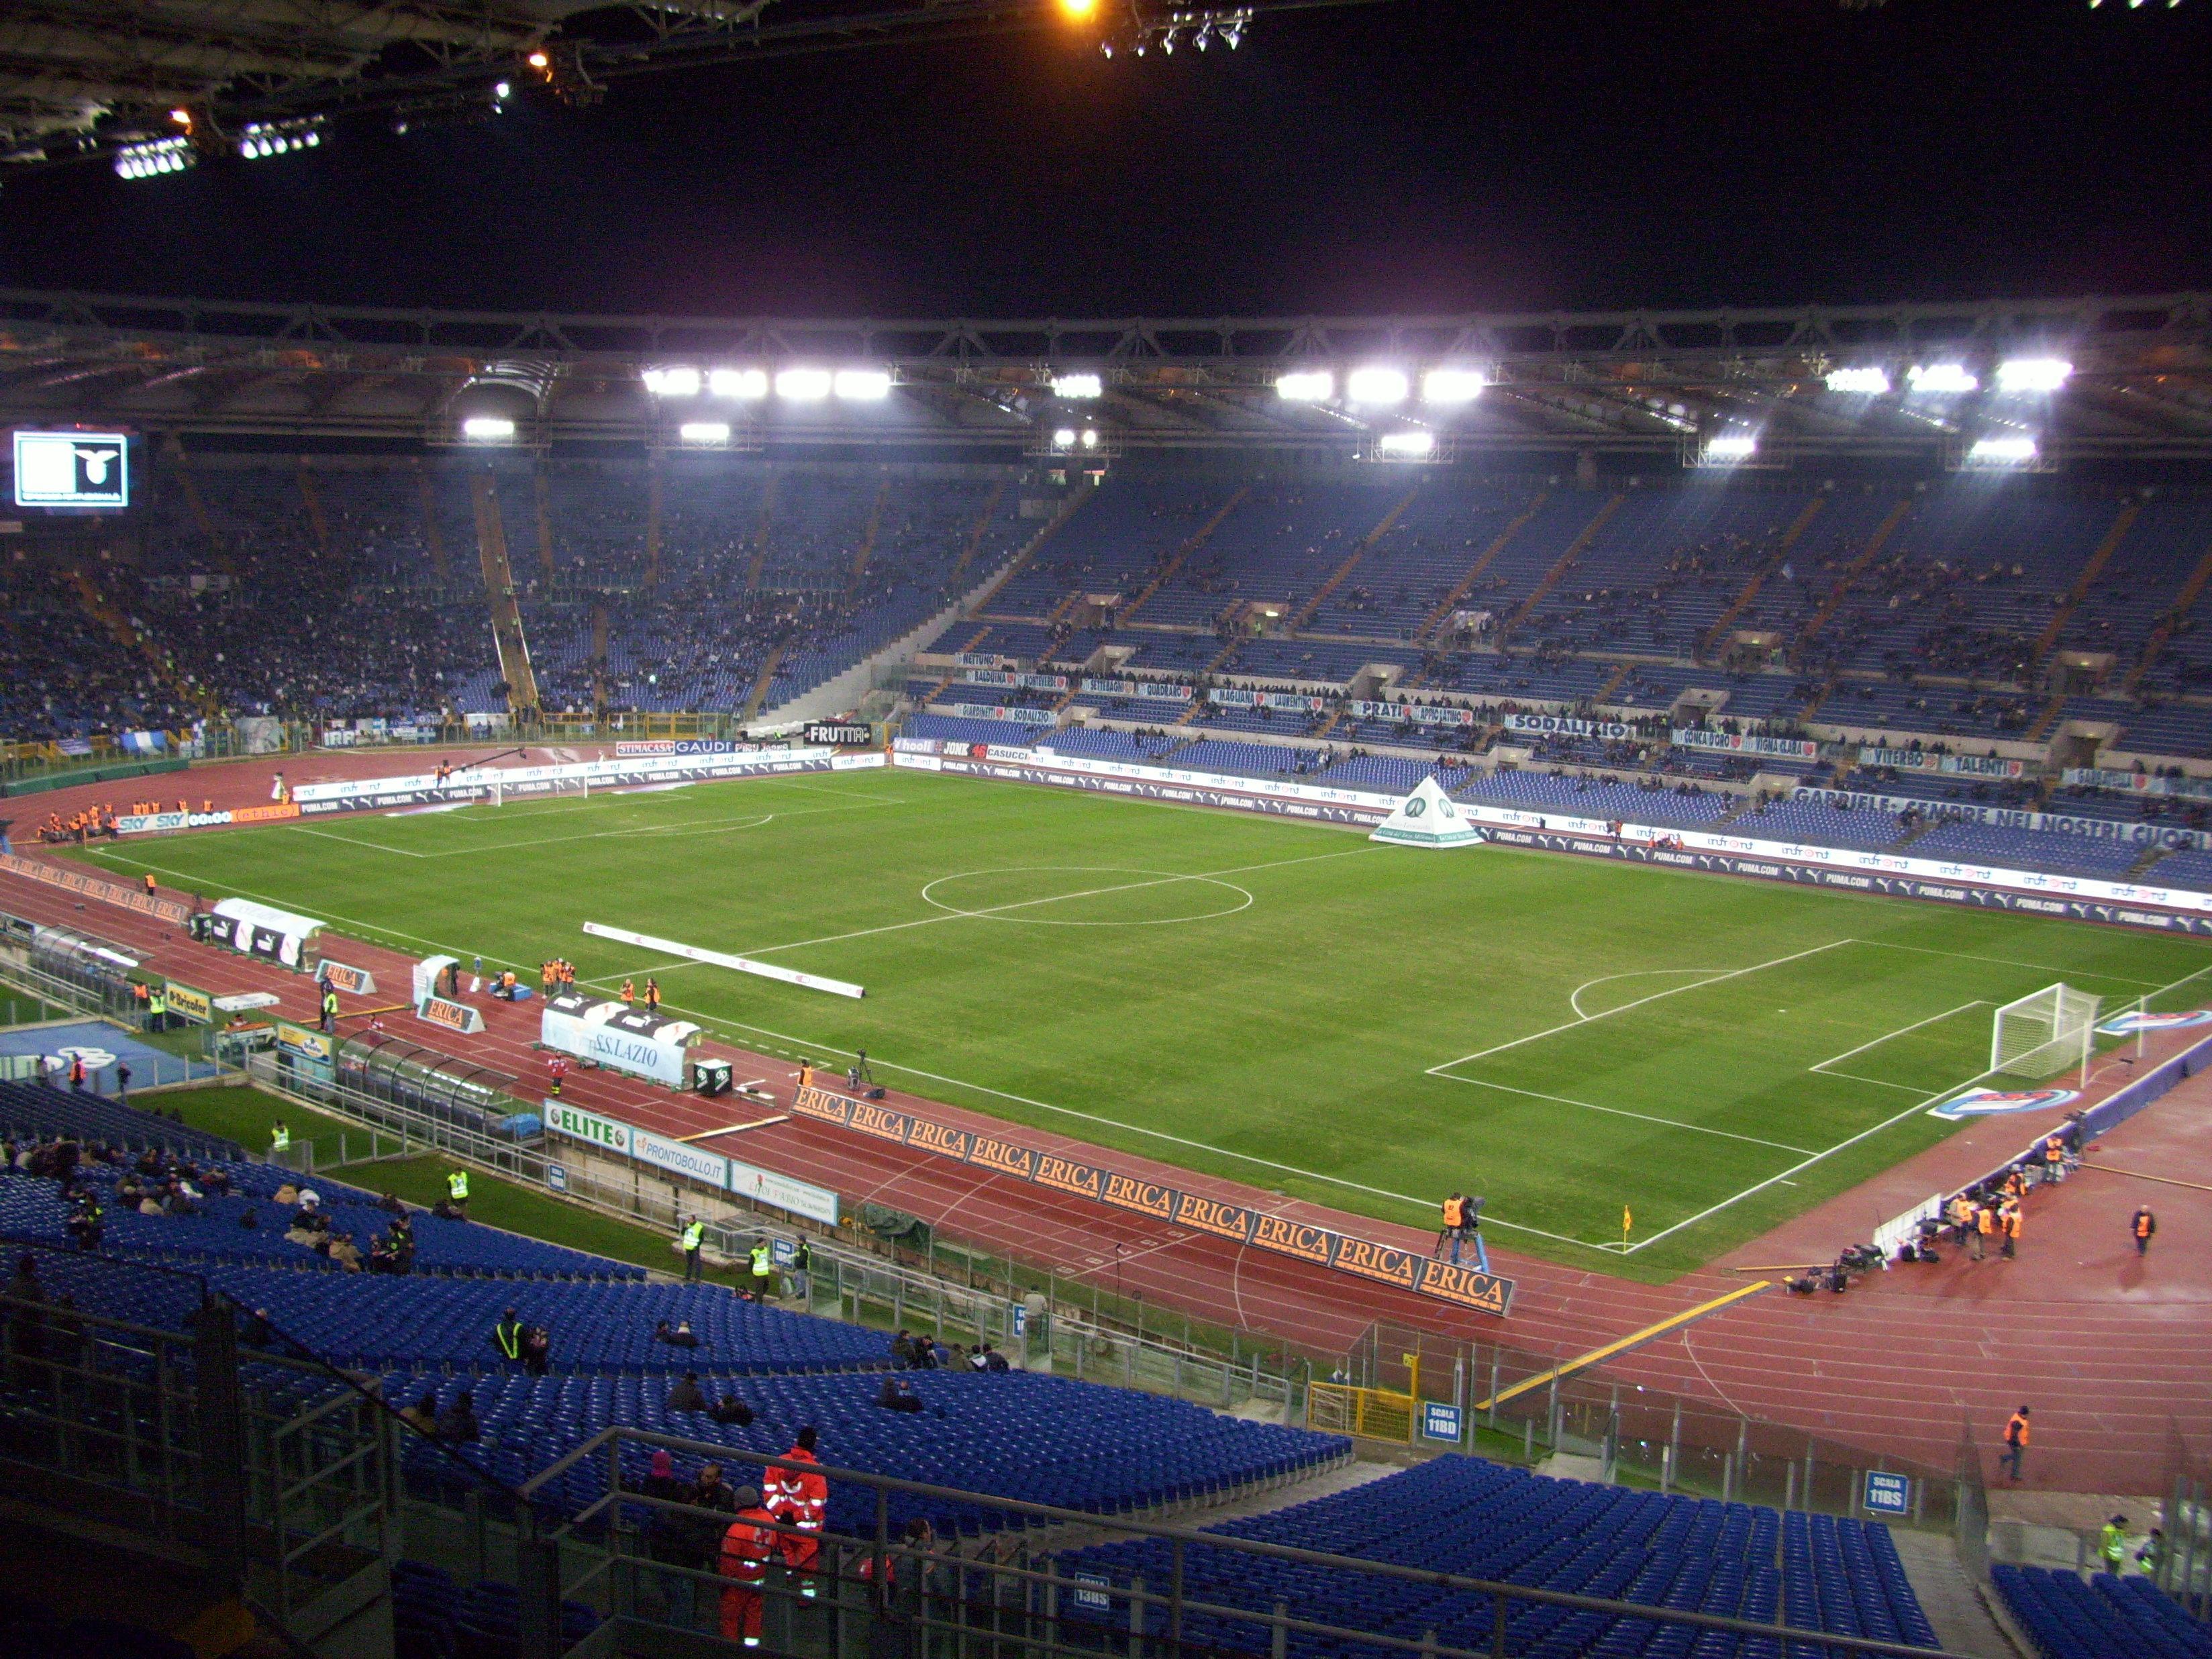 Манчестер юнайтед арсенал полуфинал лиги чемпионов 2008 2009